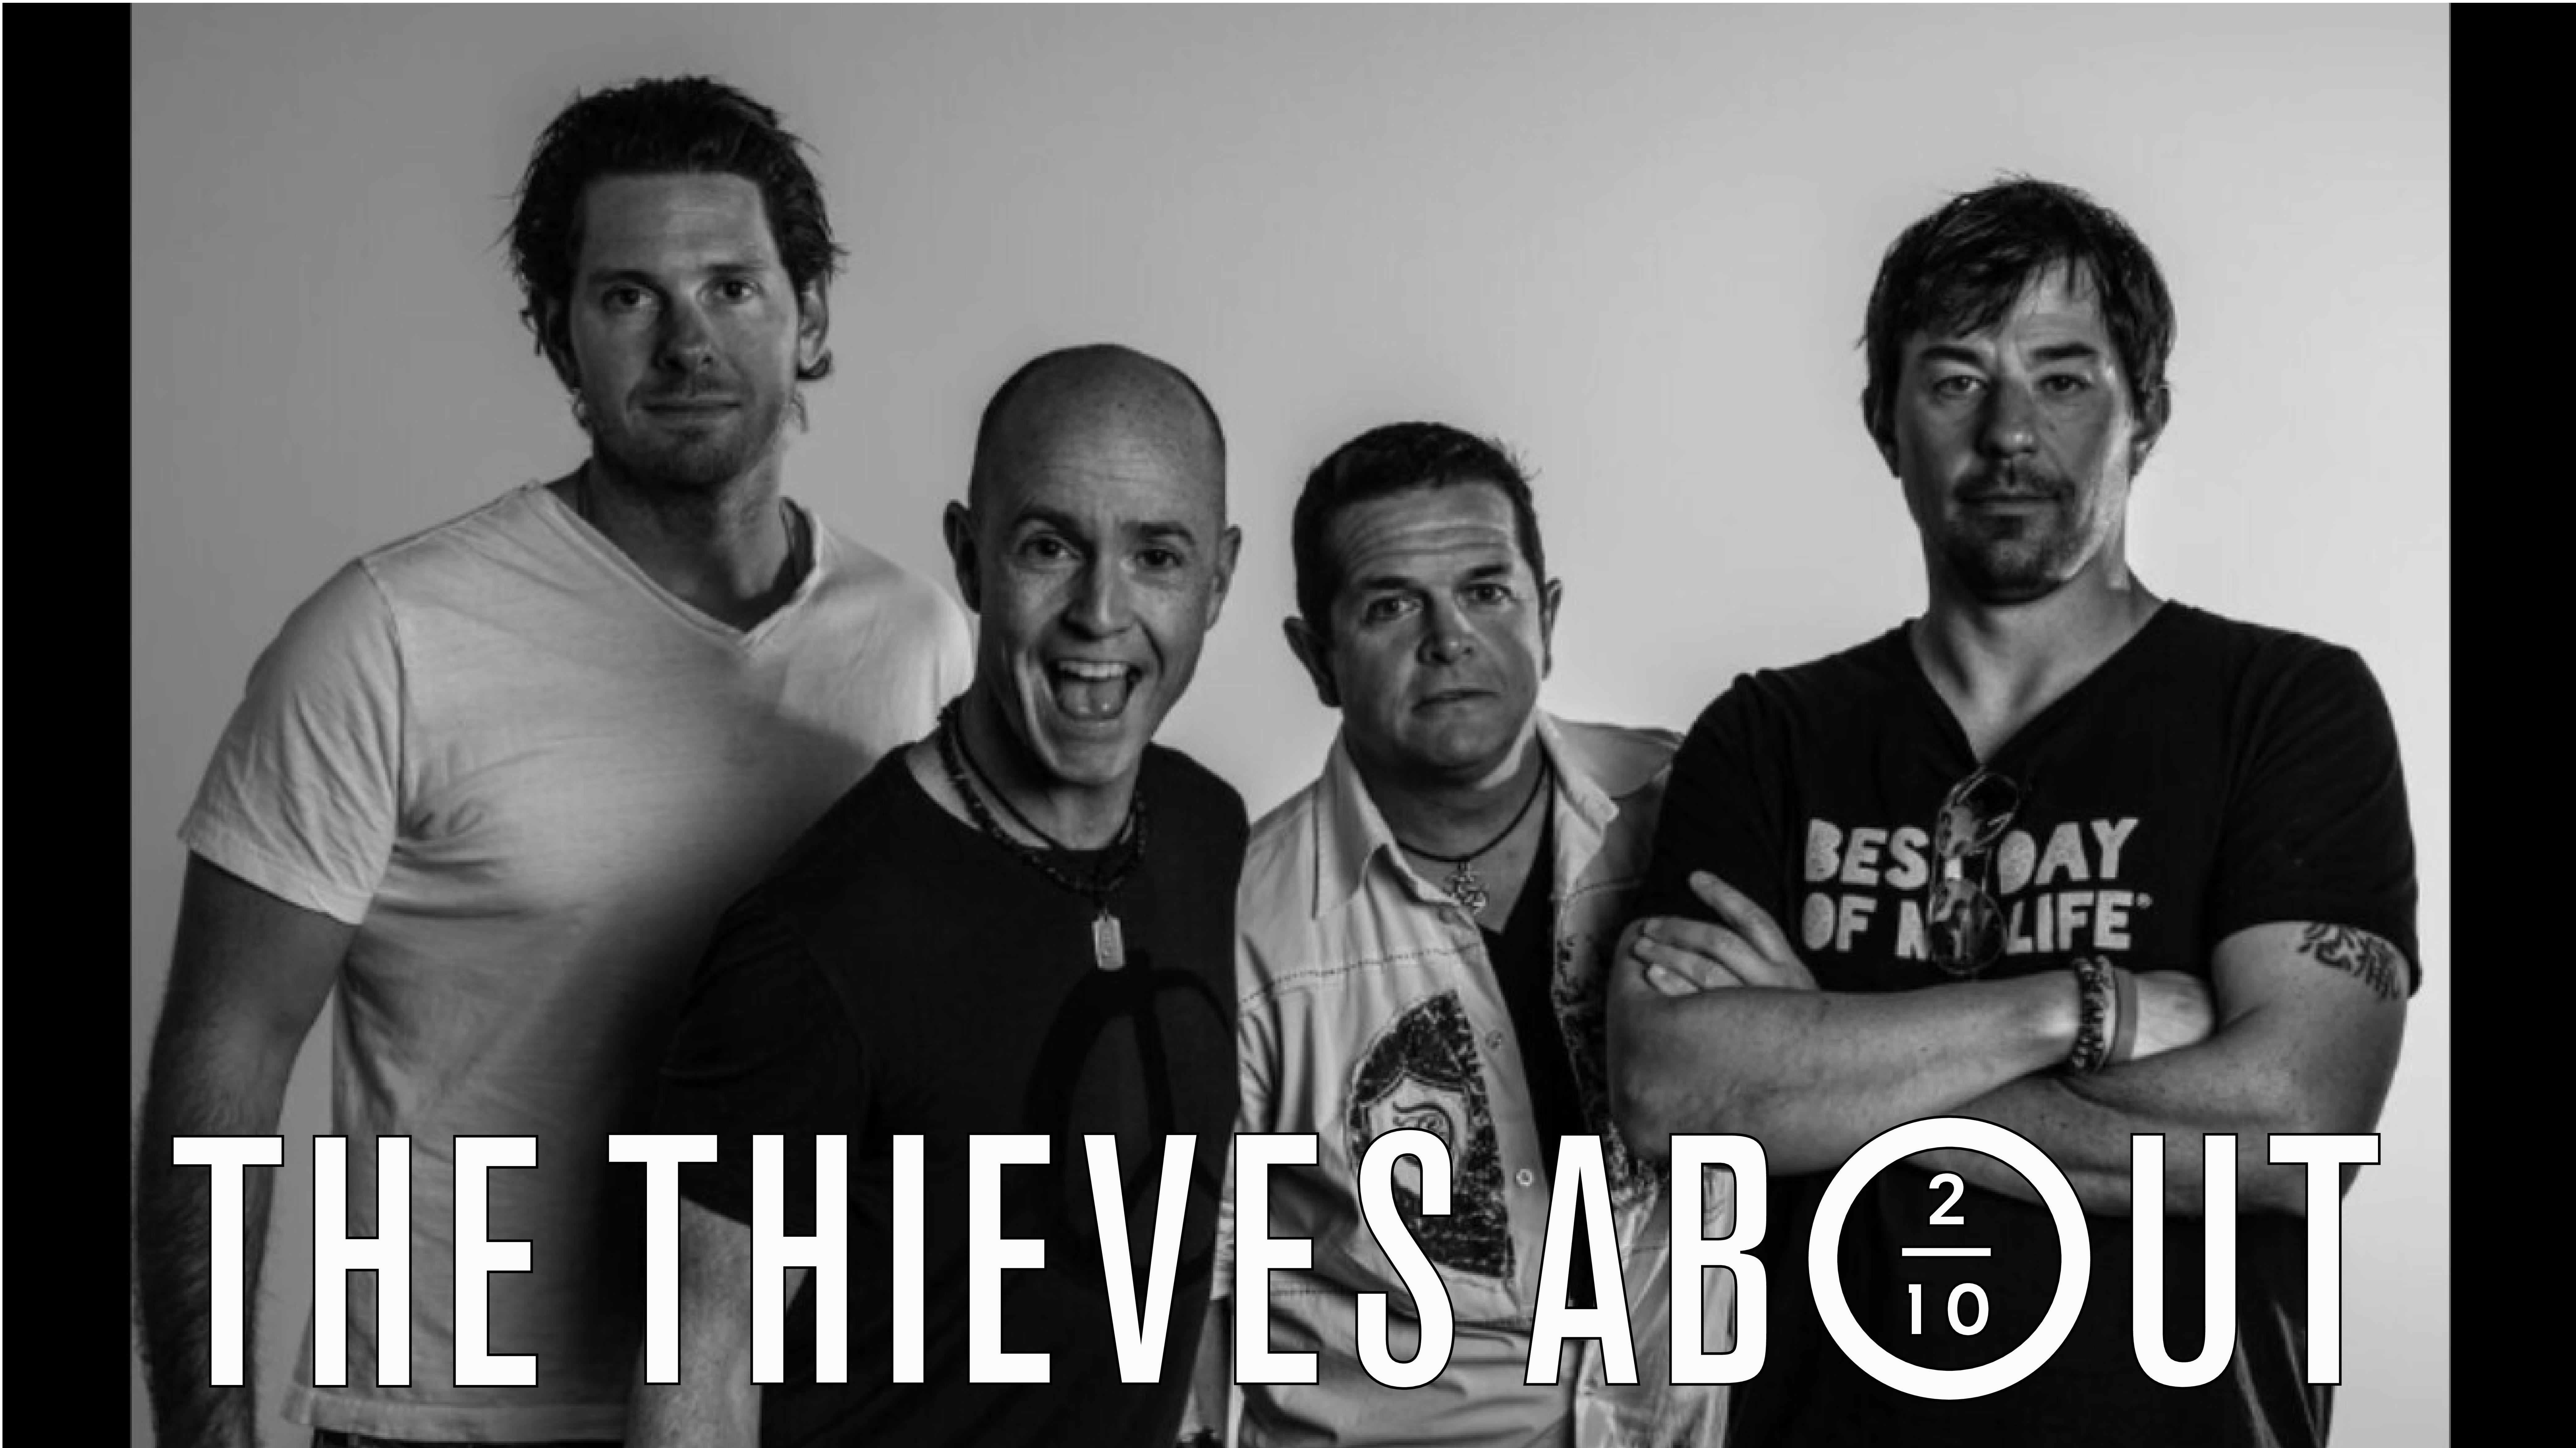 7f0033e62e77ff9cc487ddeb4471f934-PRESS+PHOTO+%28a%29+-+The+Thieves+About.jpg